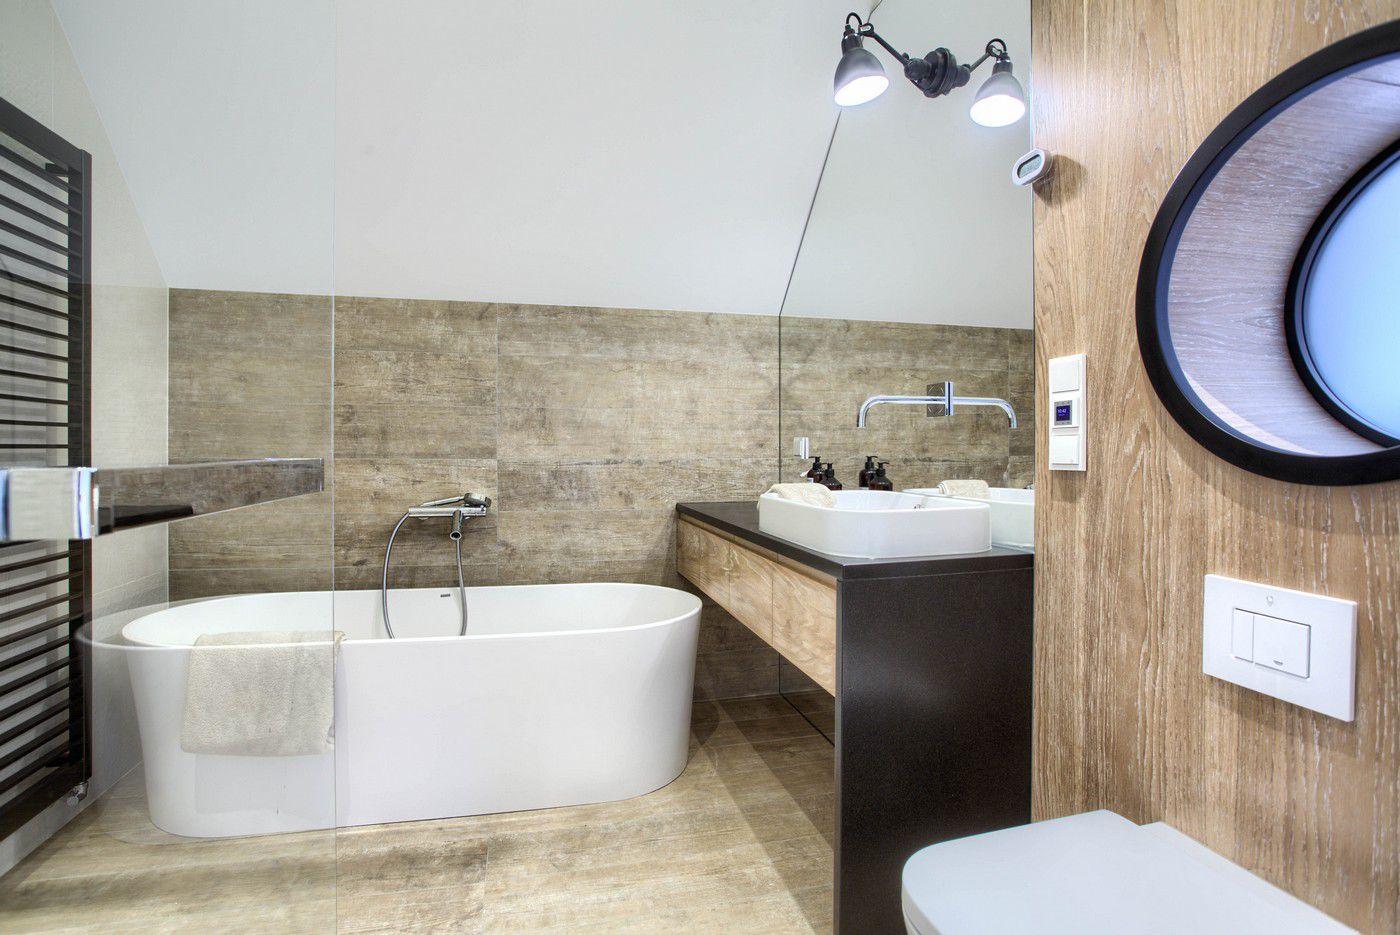 Mała łazienka na poddaszu / proj. emDesign home&decoration